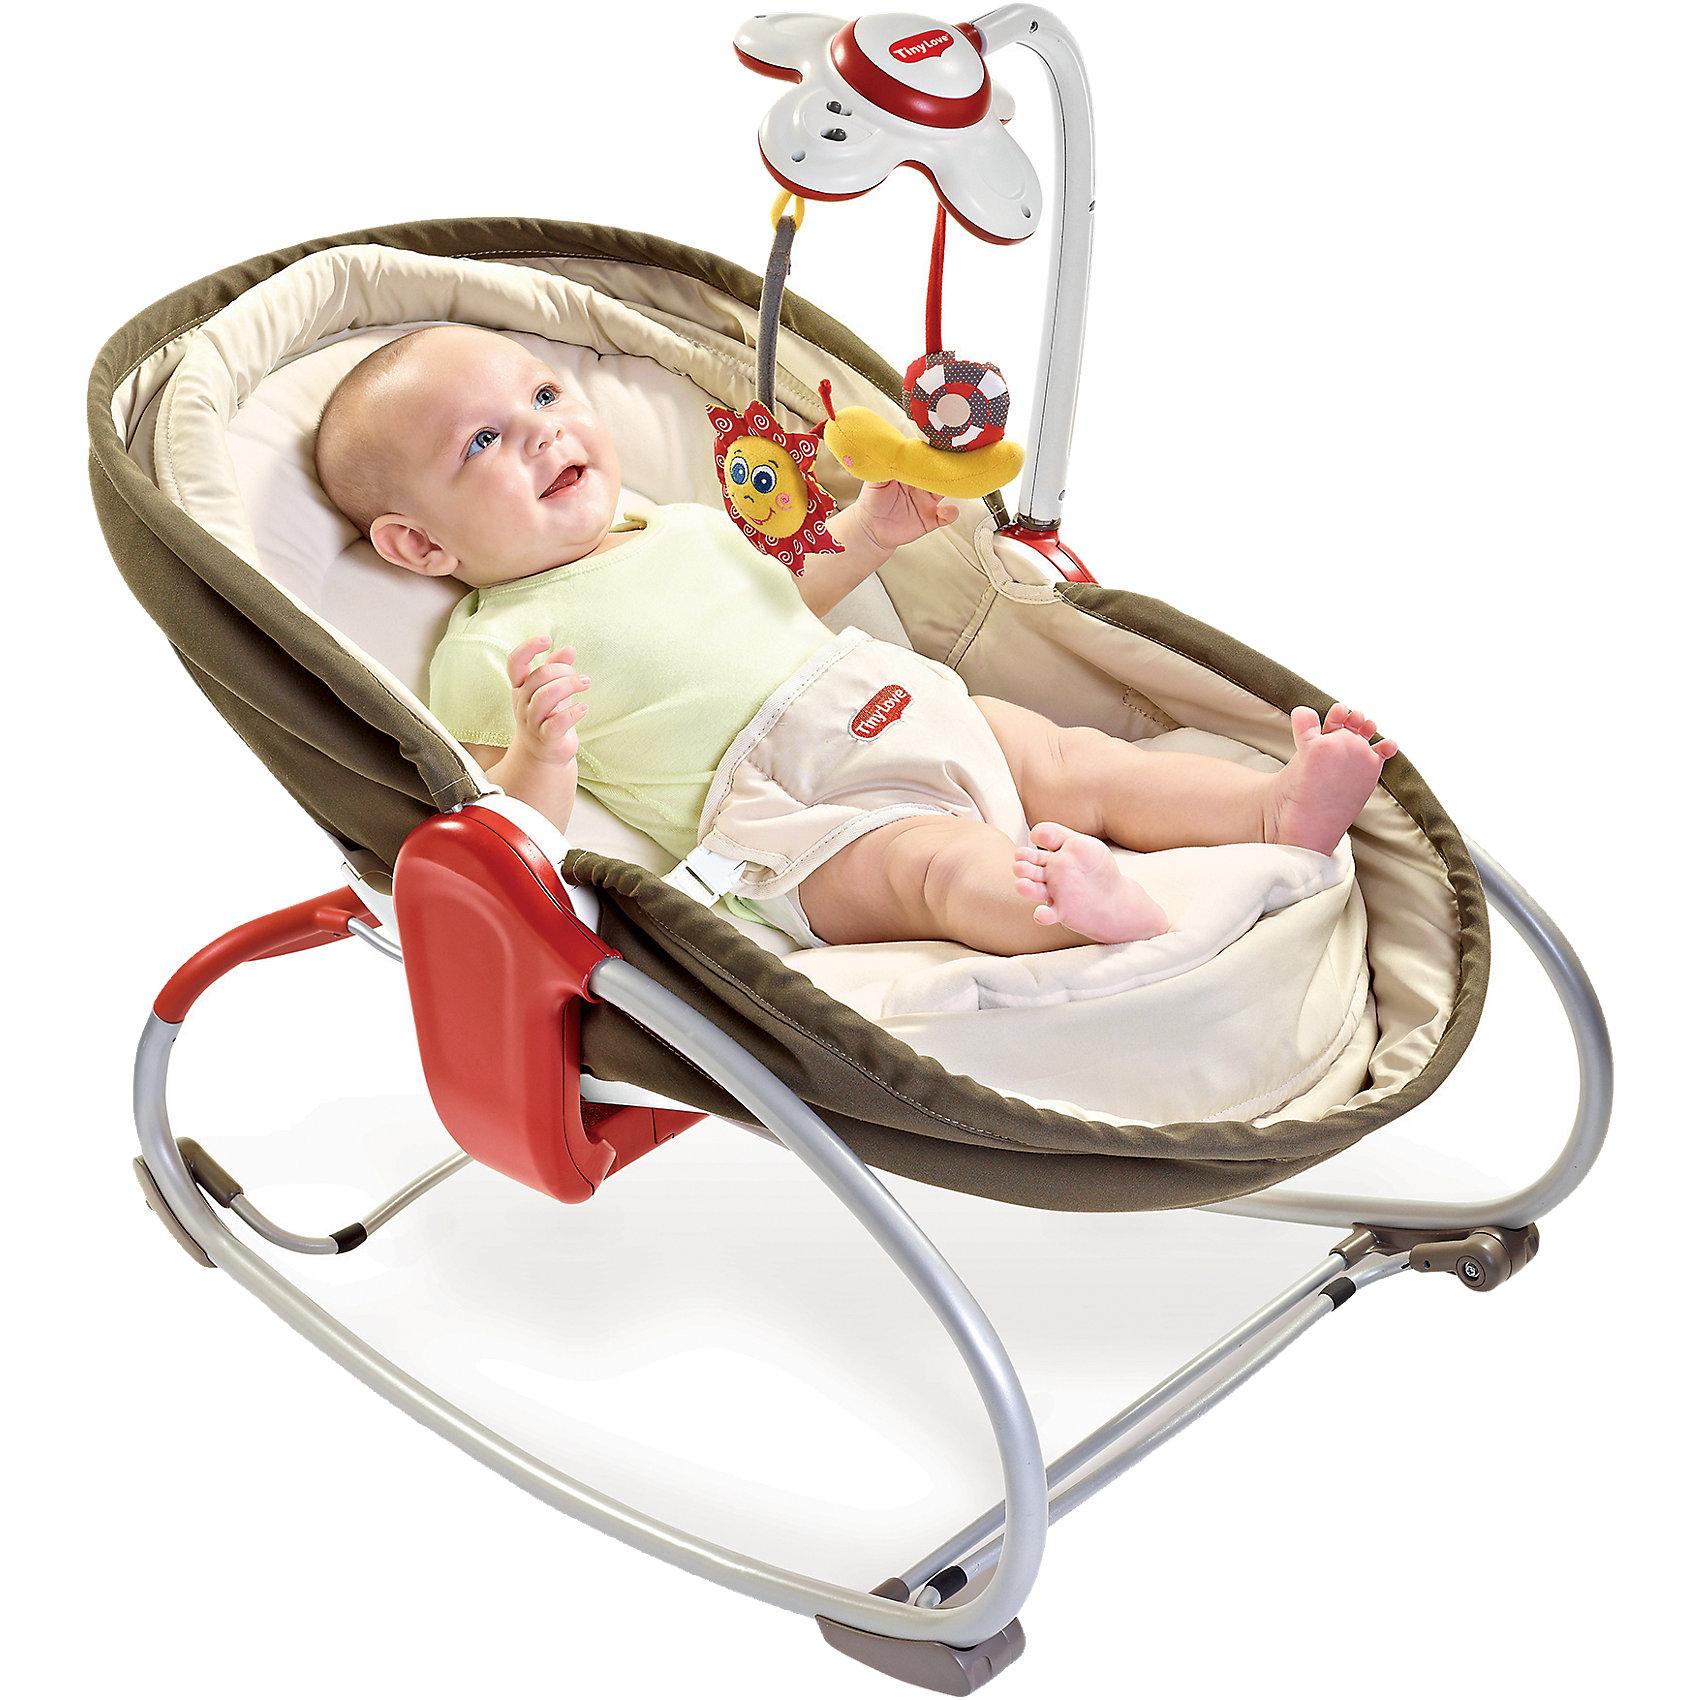 Люлька - баунсер 3 В 1, Tiny LoveЛюлька - баунсер 3 в 1, Бежевая - уникальная вещь 3-в-1 для сна и отдыха Вашего малыша!<br>Теперь баунсер можно использовать как полноценную кроватку-люльку для здорового сна вашего малыша, так как спинка кресла опускается на 180 градусов! Также можно поднять бортики люльки, чтобы ребенок чувствовал себя уютно и безопасно. <br><br>Особенности:<br>- Интерактивный электронный мобиль, работающий в режиме развлечения и убаюкивания, 7 вариантов мелодий. <br>- Очаровательные игрушки-подвески: шуршалка в виде улитки и зеркало в виде цветка.<br>- Уровень наклона кресла можно регулировать в 3 положениях (смена положения одной рукой). <br>- Устройство вибрации (не входящее в резонанс с биологическими ритмами человека, не  вызывает расстройства вестибулярного аппарата и не может вызвать привыкания).<br>- Возможность отключения вибрации.<br>- Мягкая ткань подкладки обеспечивает комфорт Вашего малыша.<br>- Жесткий ортопедический двусторонний матрас.<br>- Противоскользящие ножки. <br>- Мягкий чехол и ремни безопасности.<br>- Дополнительной функцией данного кресла является механическая люлька, которая позволит маме по-старинке укачивать малыша, а специальные стопперы и регулятор высоты кресла позволят зафиксировать его как в положение полулежа так, и превратить в уютную колыбельку для малыша.<br><br>Дополнительная информация:<br><br>- В комплект входит: кресло в сборе - 1 шт., съемный  элемент с  электронной игрушкой - 1 шт., погремушка - 2 шт., подарочная коробка - 1 шт., инструкция - 1 шт. <br>- Внутренние размеры люльки 70х35 см<br>- Питание: 3 х ААА, 1хС.<br>- Максимальная нагрузка: 18 кг.<br><br>Люльку - баунсер 3 В 1, Tiny Love (Тини Лав) можно купить в нашем интернет- магазине.<br><br>Ширина мм: 738<br>Глубина мм: 448<br>Высота мм: 175<br>Вес г: 5760<br>Возраст от месяцев: 0<br>Возраст до месяцев: 12<br>Пол: Унисекс<br>Возраст: Детский<br>SKU: 2514411